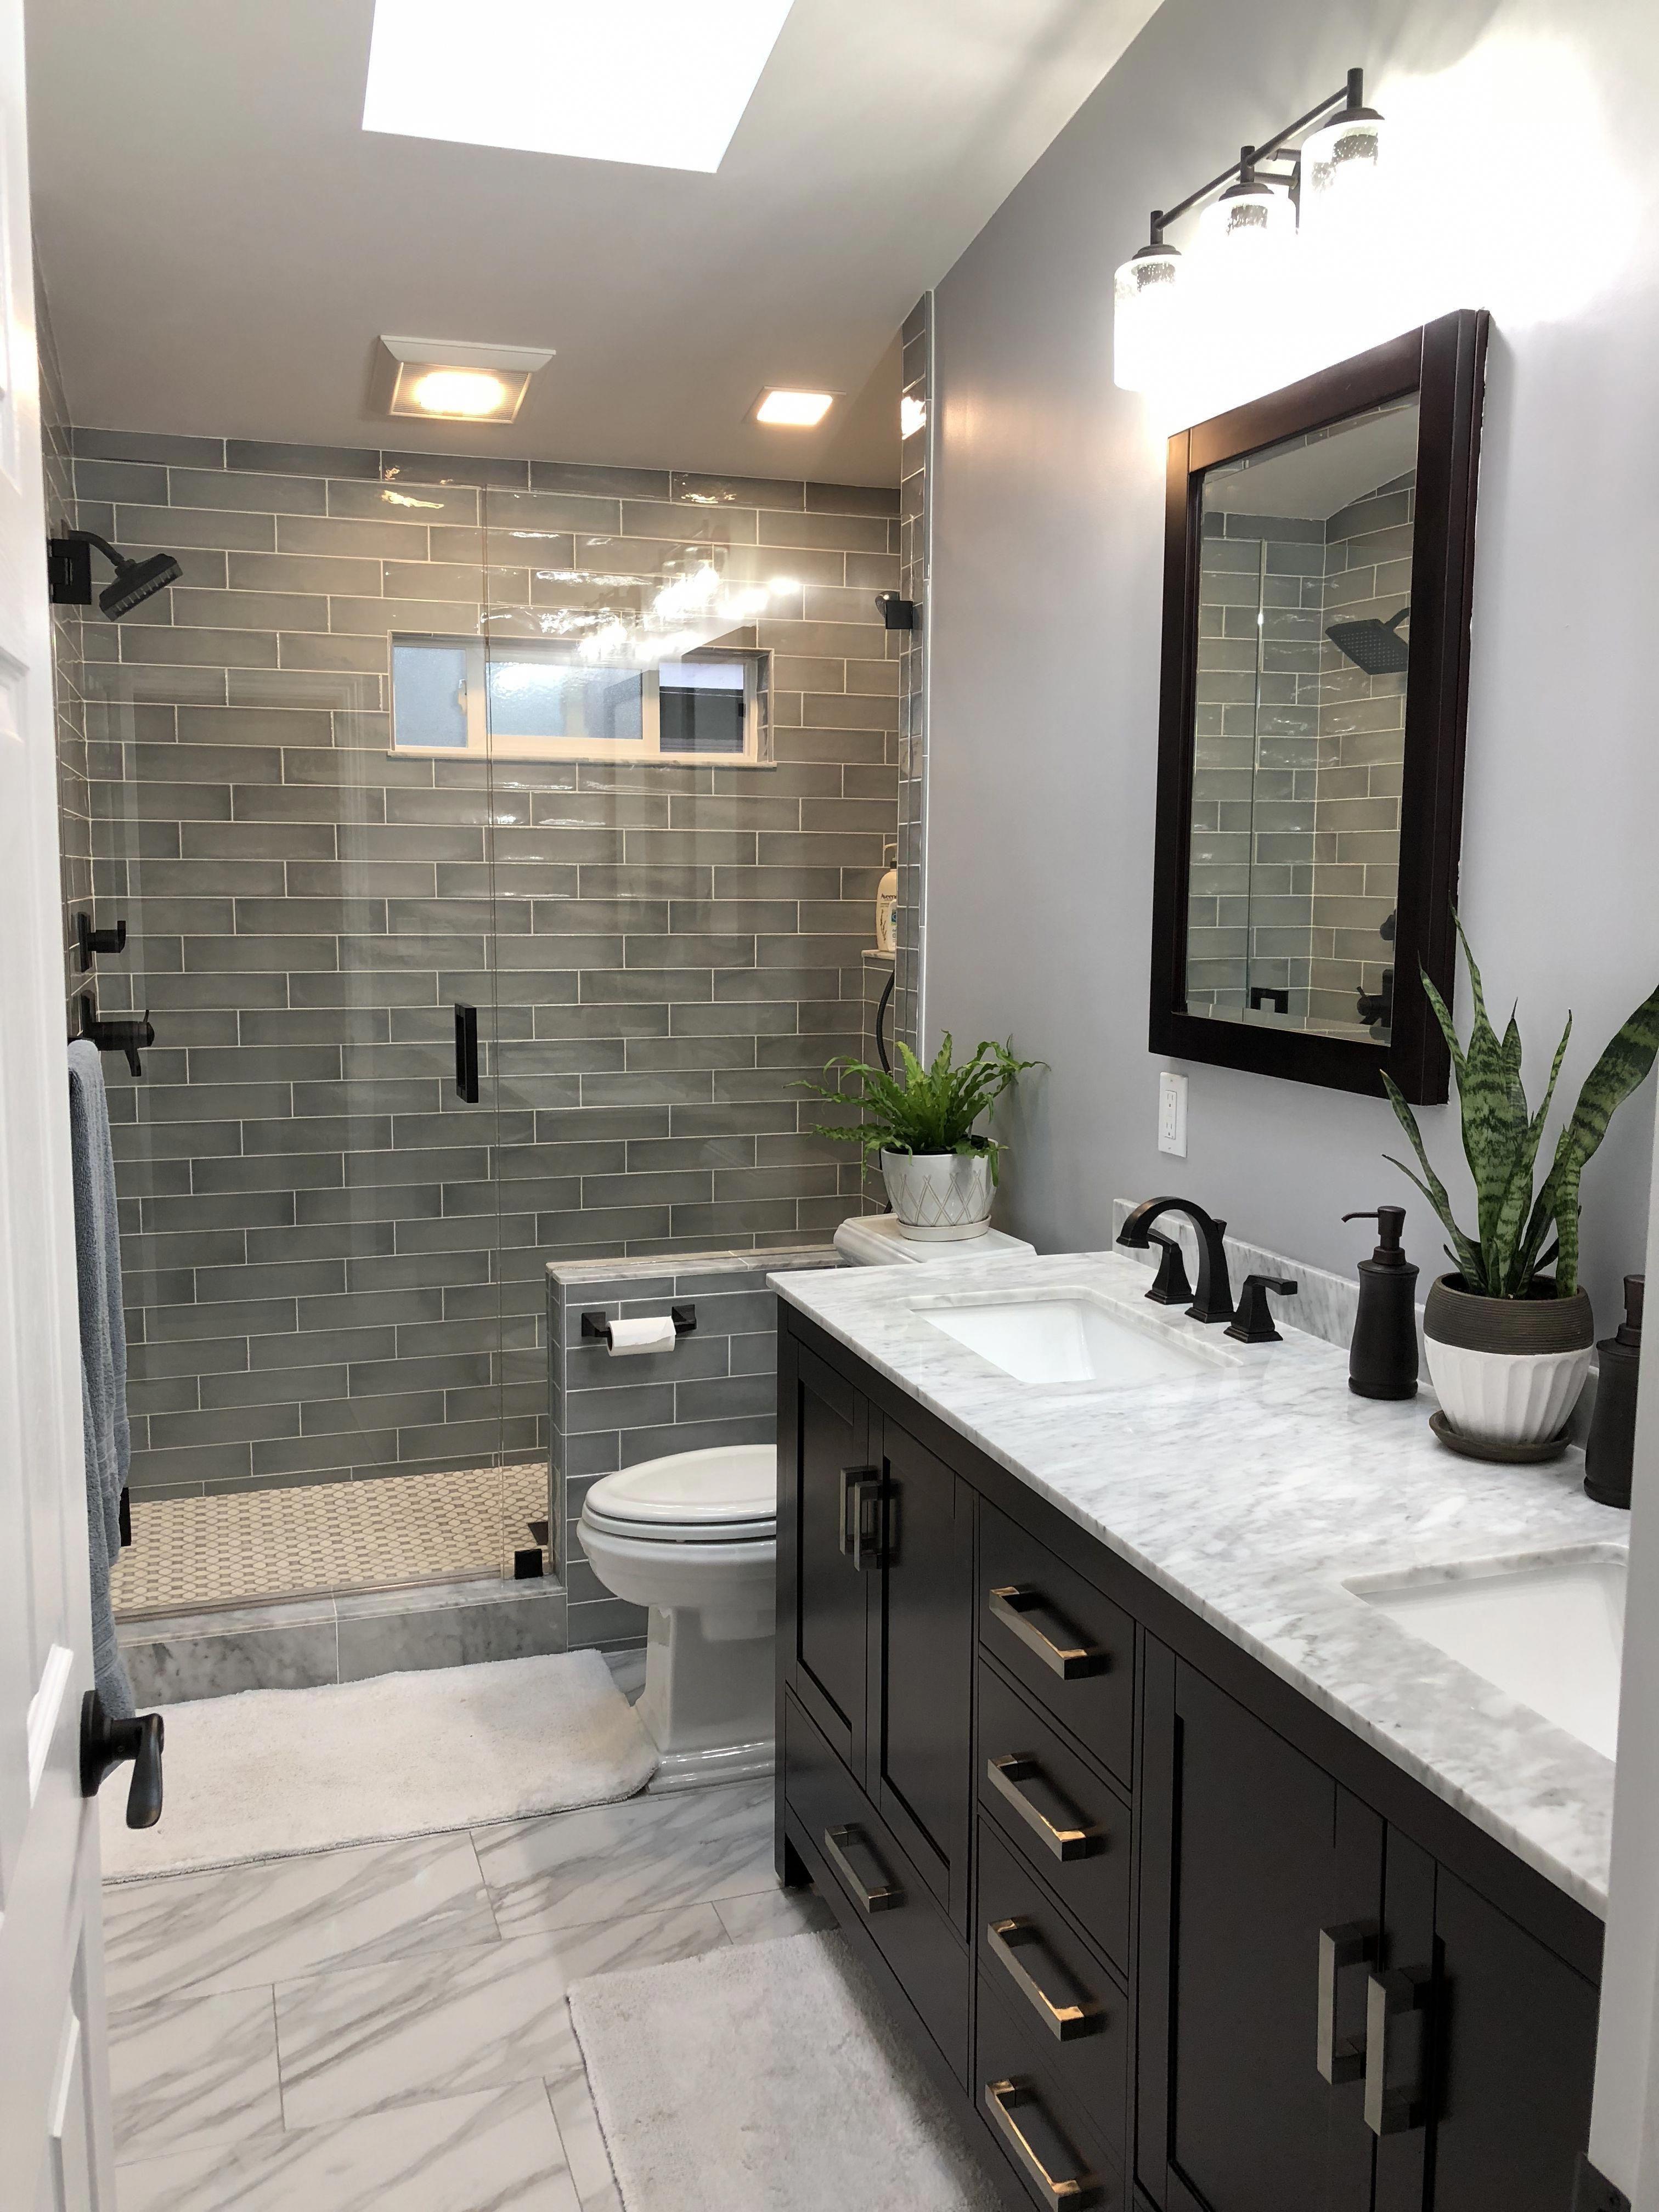 21 Bathroom Remodel Ideas The Latest Modern Design In 2020 Bathroom Tile Designs Bathroom Remodel Master Small Bathroom Remodel